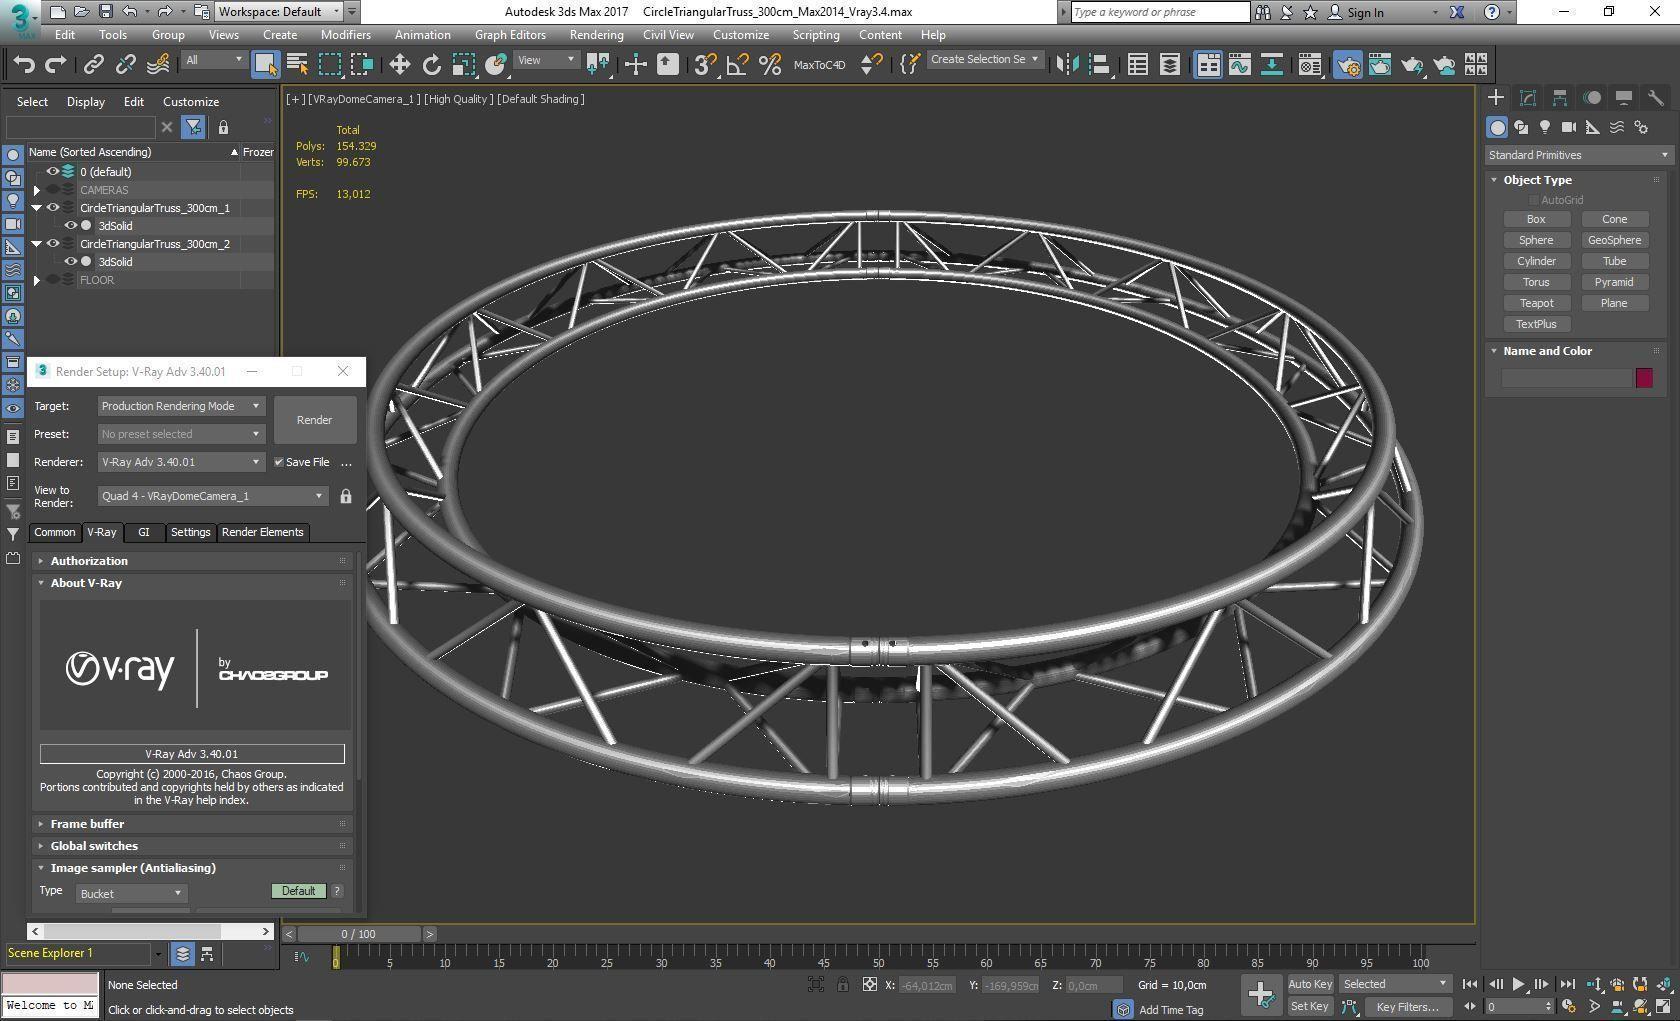 Circle Triangular Truss Full diameter 300cm